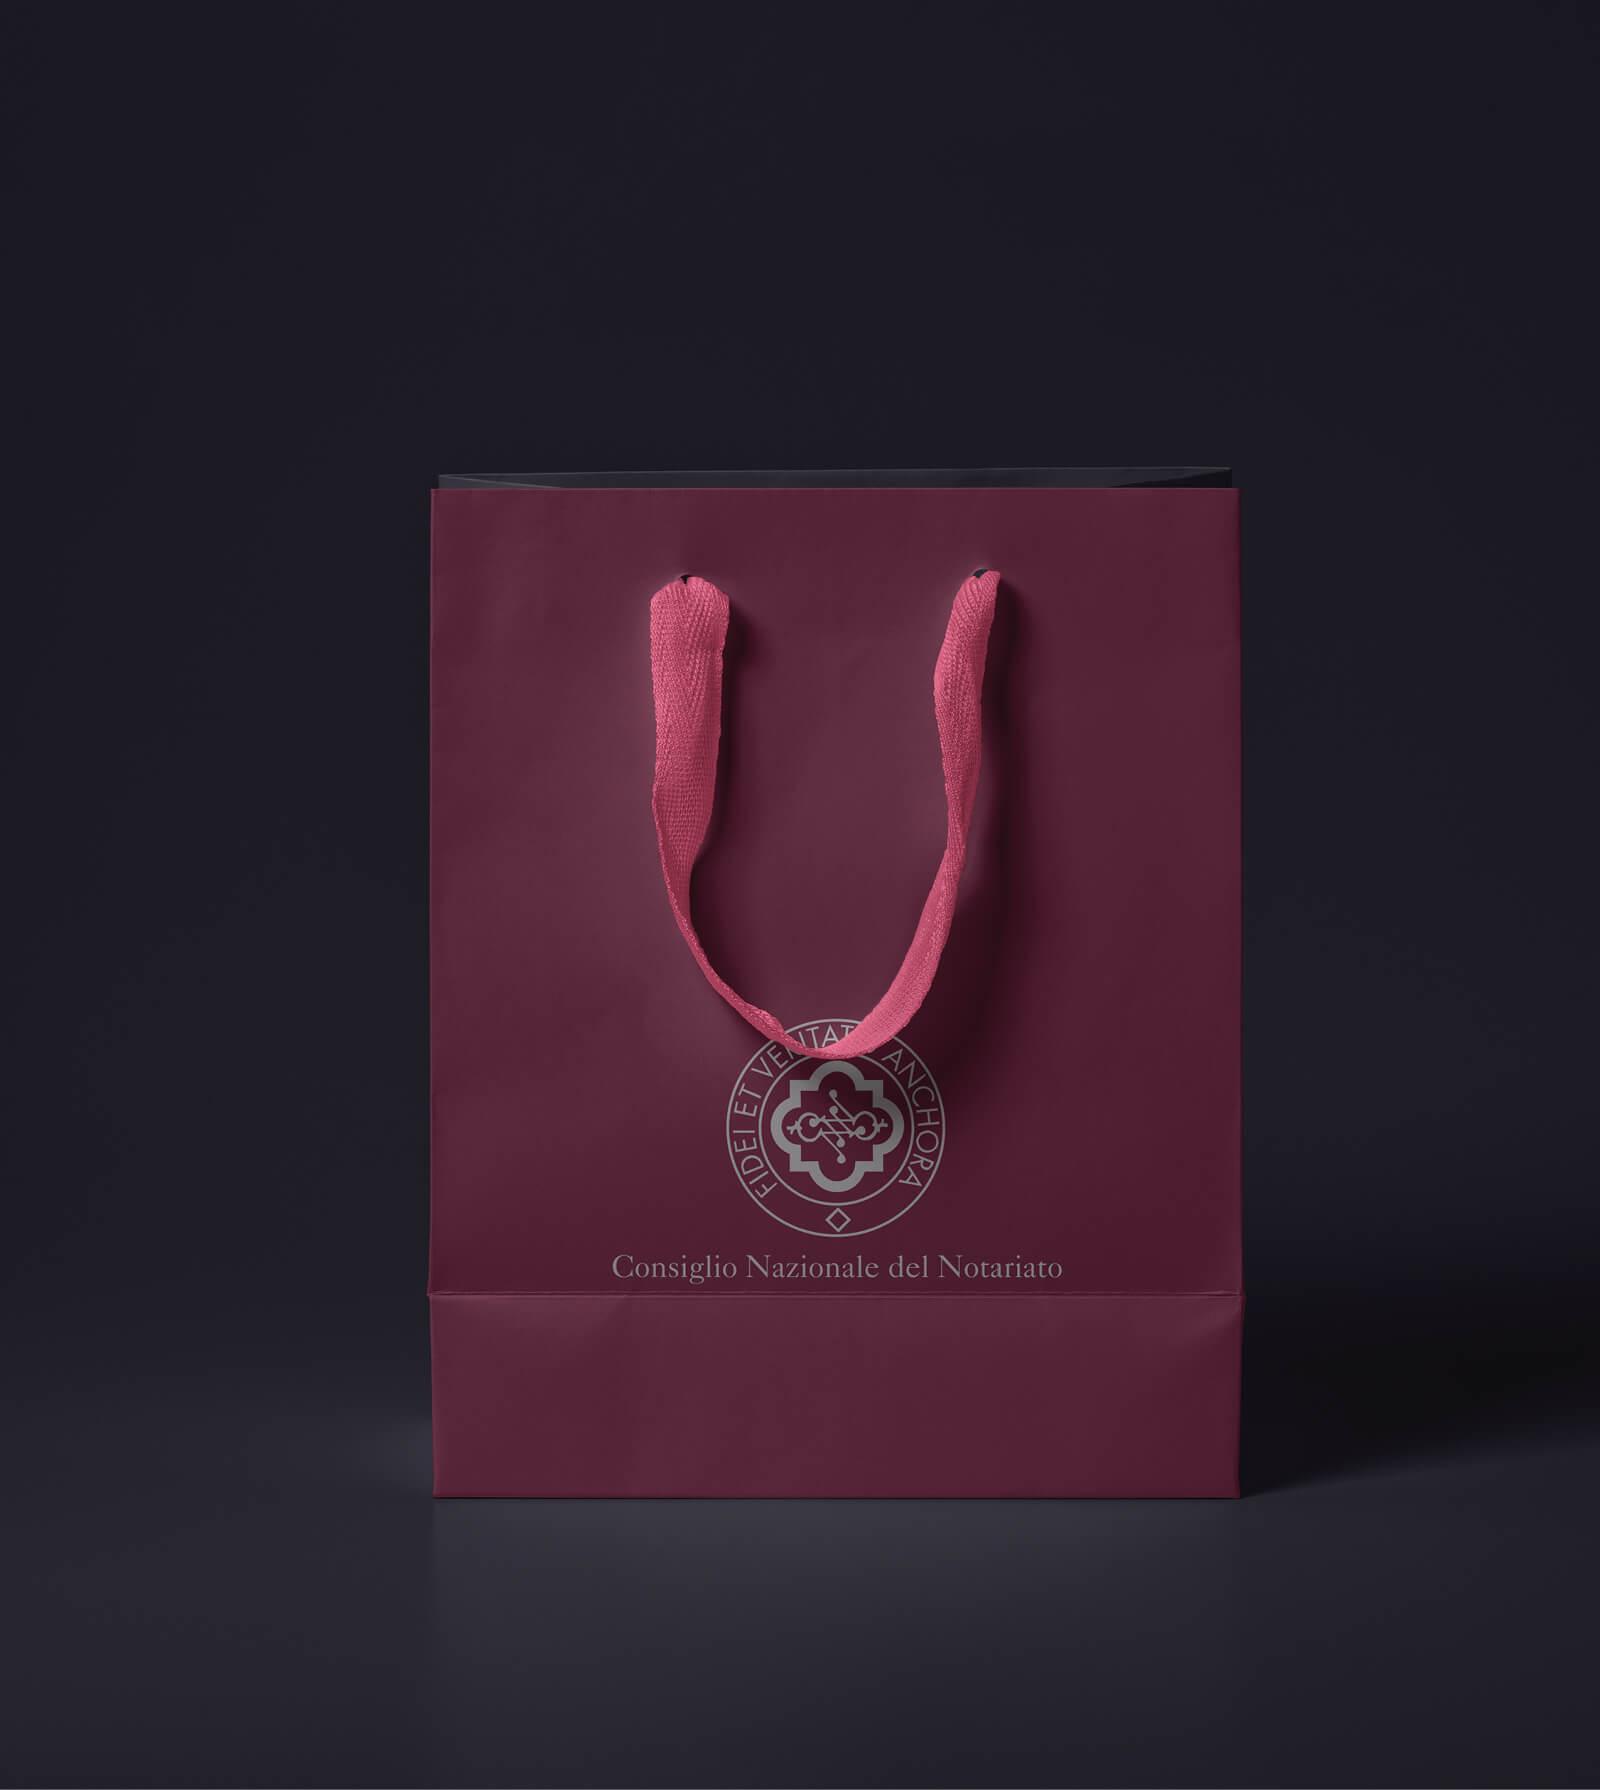 borsa in carta personalizzata creata per l'evento Congresso Notariato, progetto diade studio grafico arco trento